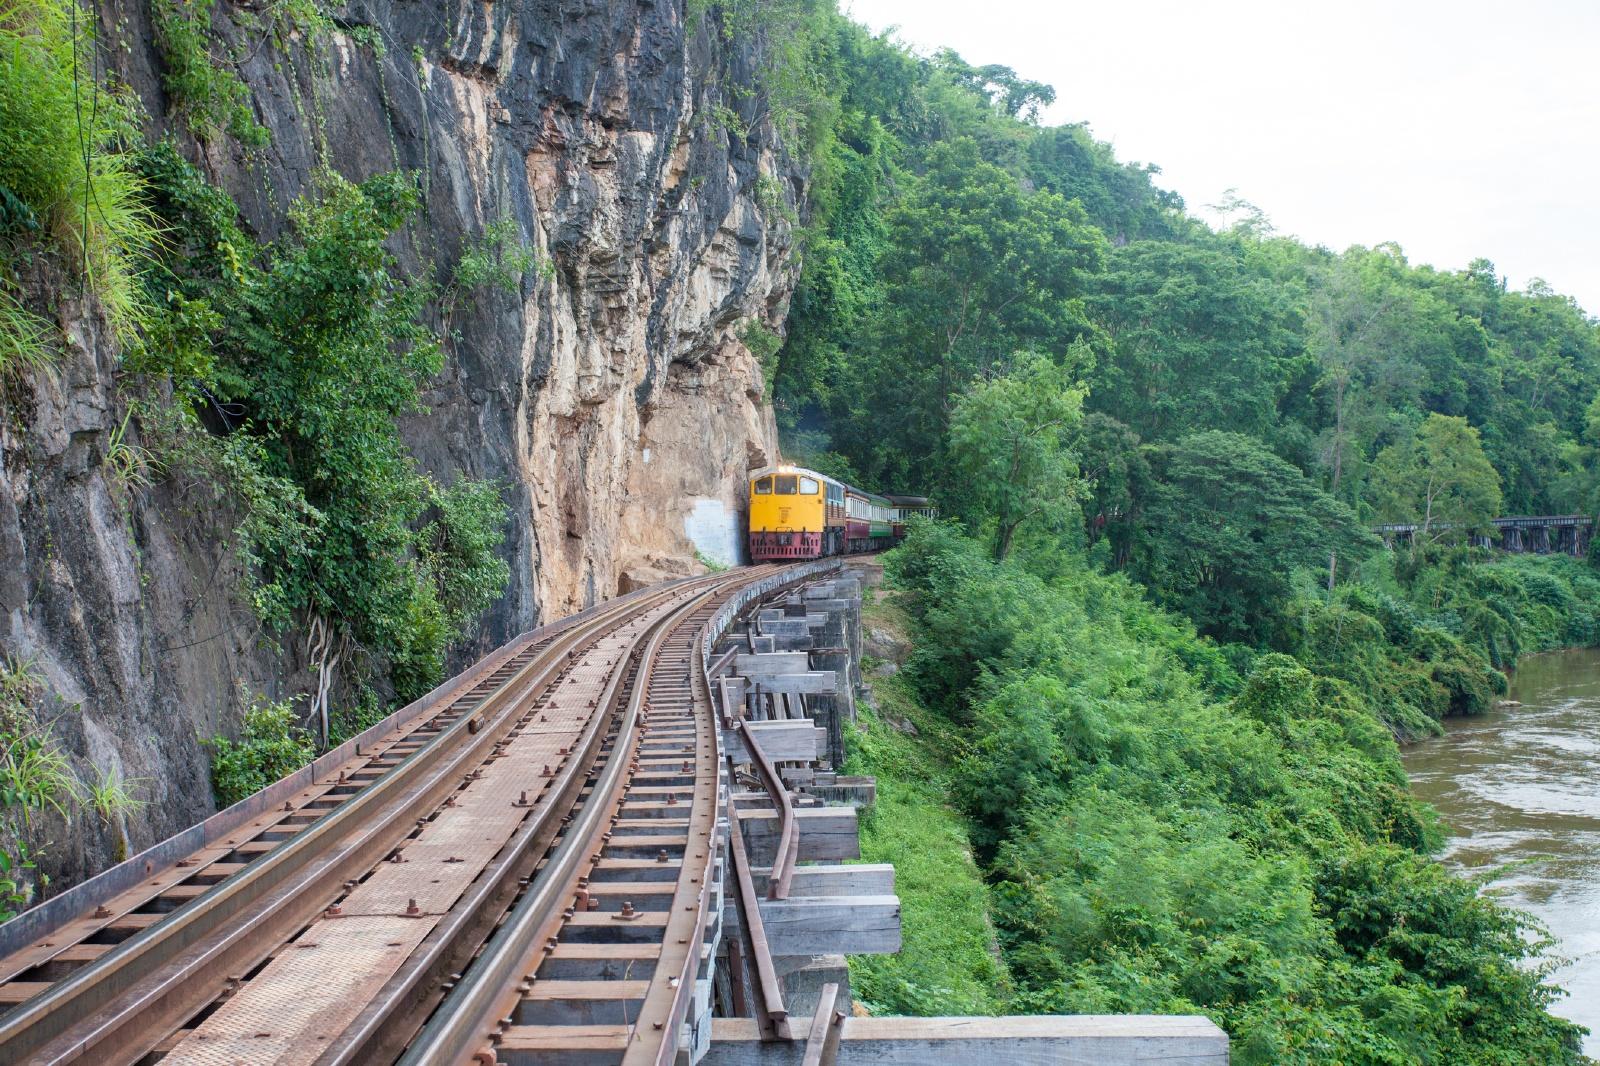 カンチャナブリーの山間部を行く鉄道 タイの鉄道風景